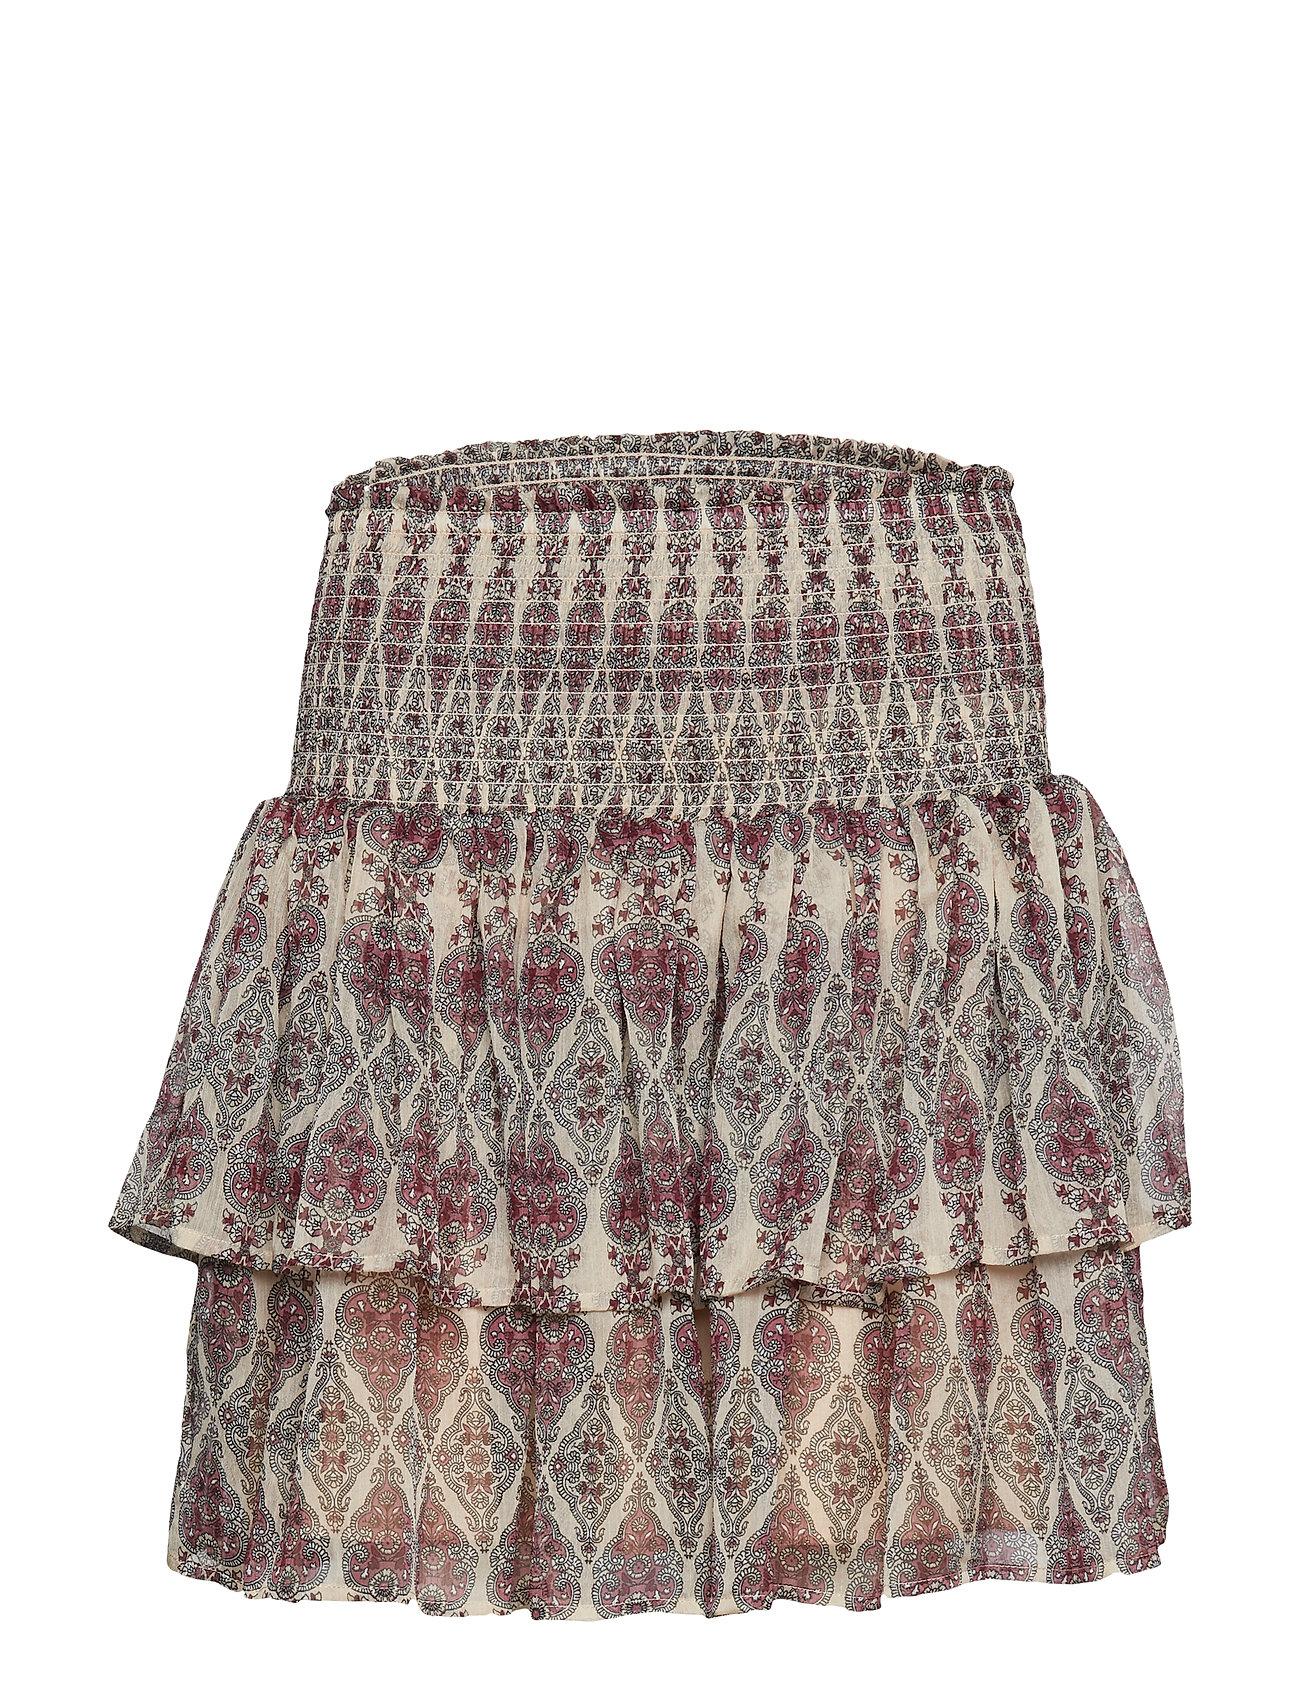 Sofie Schnoor Skirt - BEIGE